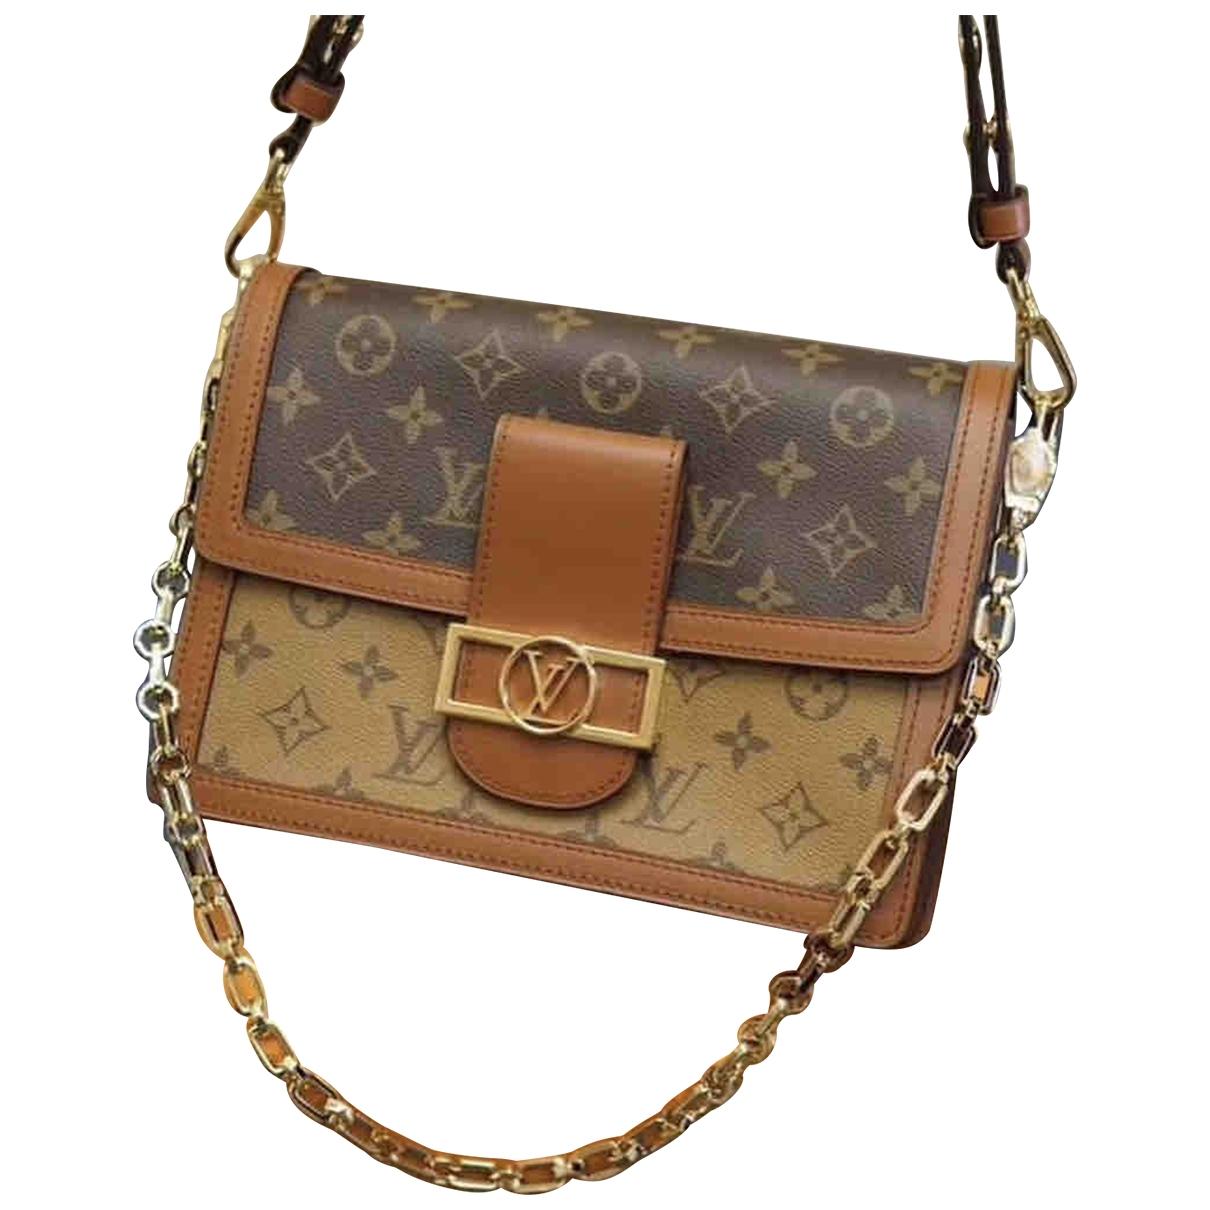 Louis Vuitton Dauphine MM Handtasche in  Braun Leder